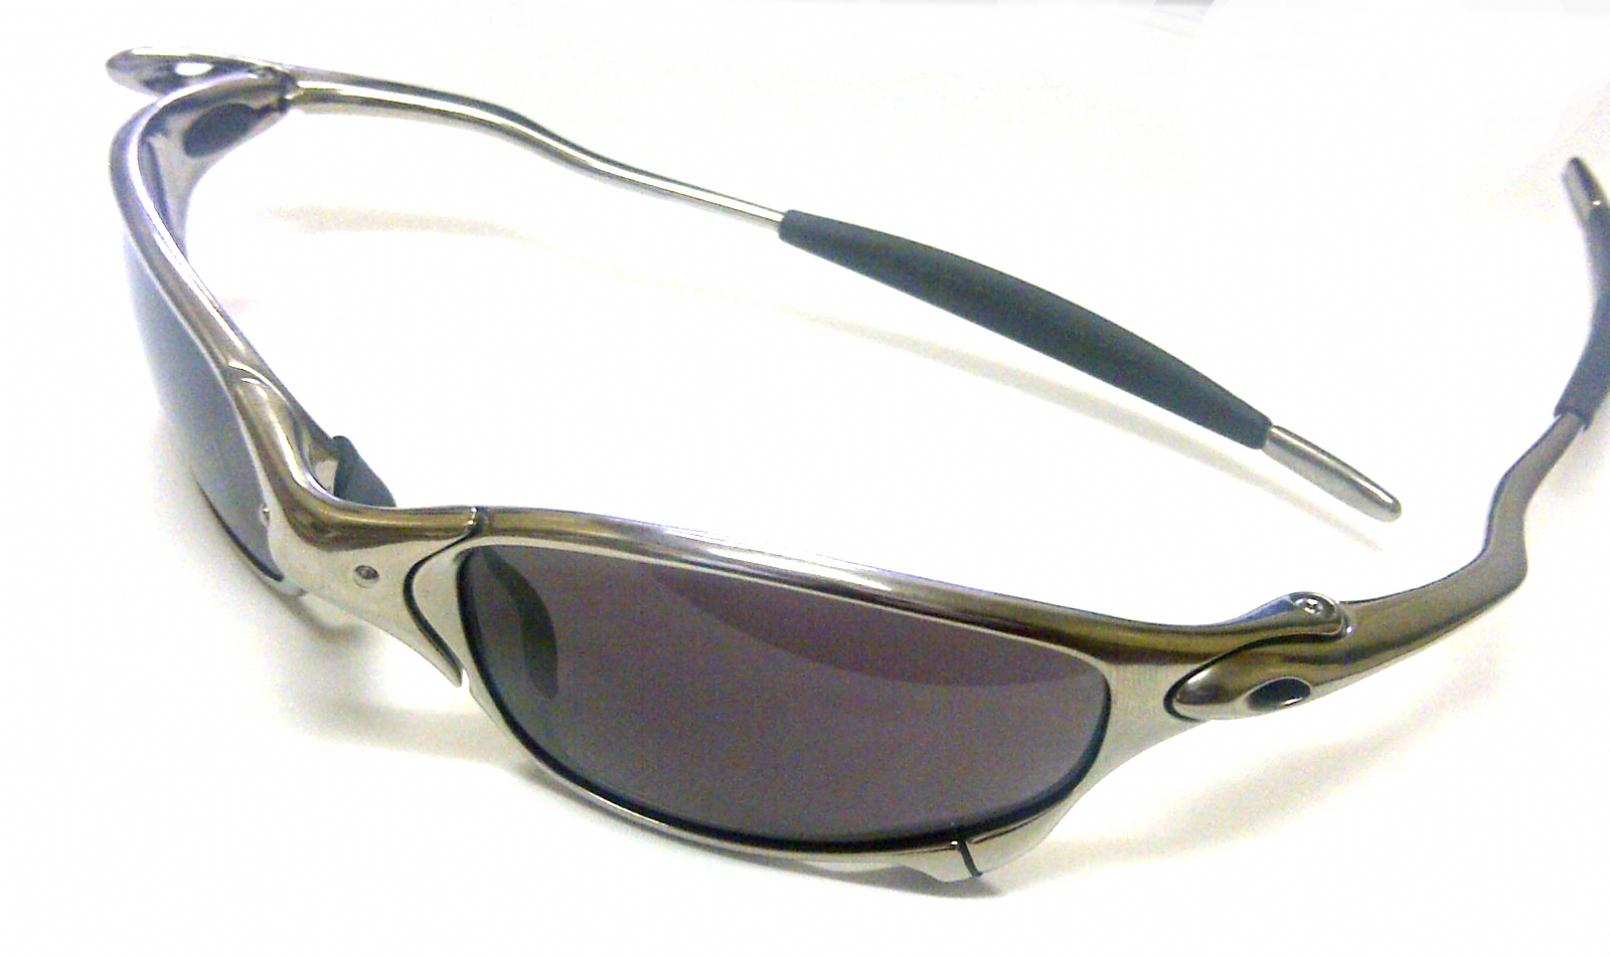 1pyxkpacfg0ojn4 Oakley Juliet Sunglasses